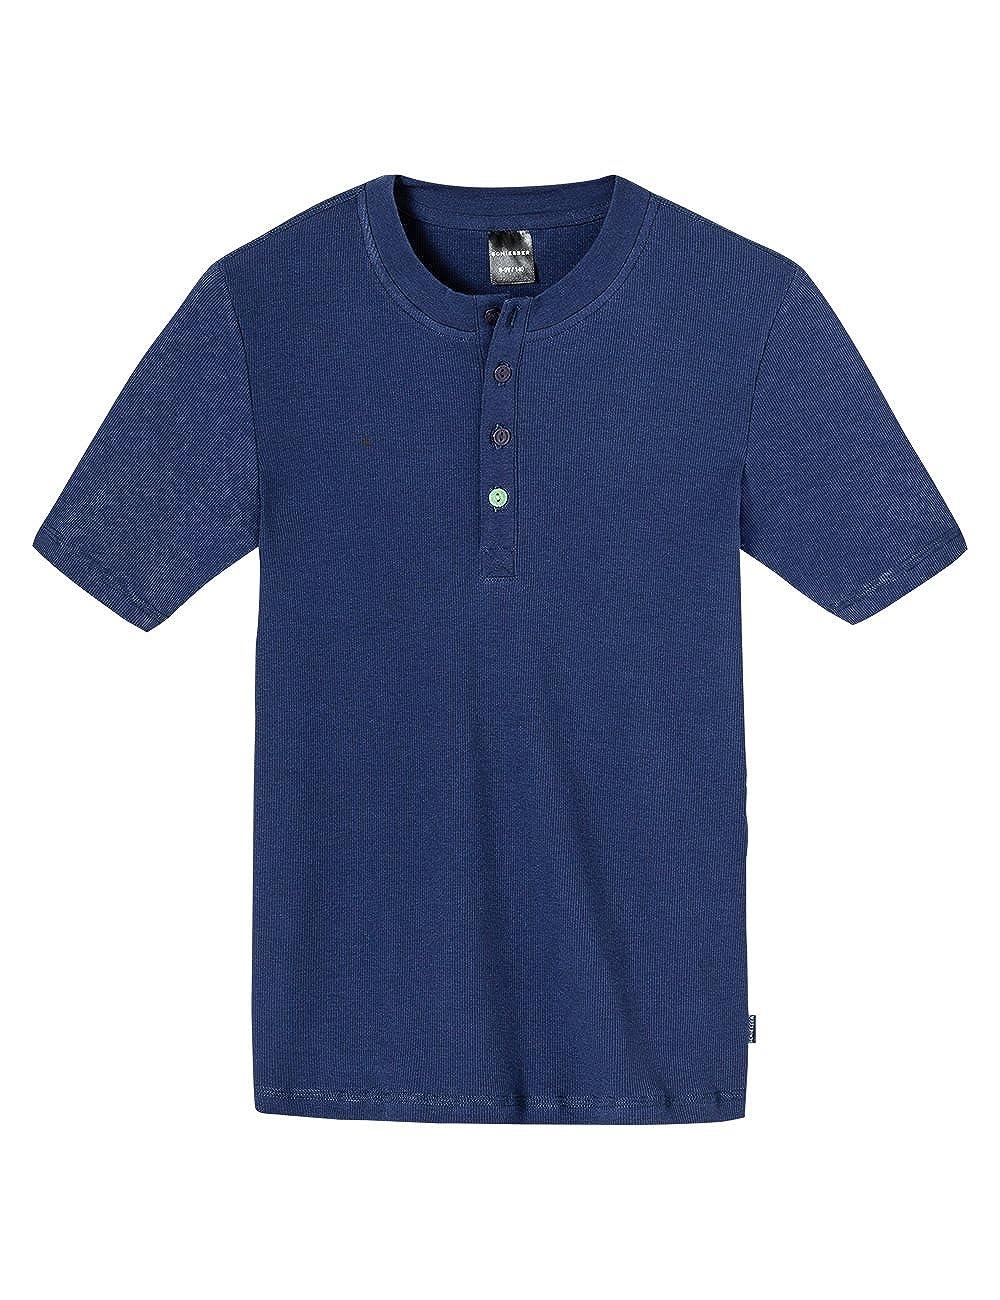 Schiesser Jungen Schlafanzugoberteil Shirt 1/2 Mix & Relax Gr. 140 Blau (blau 800) Schiesser AG 146027